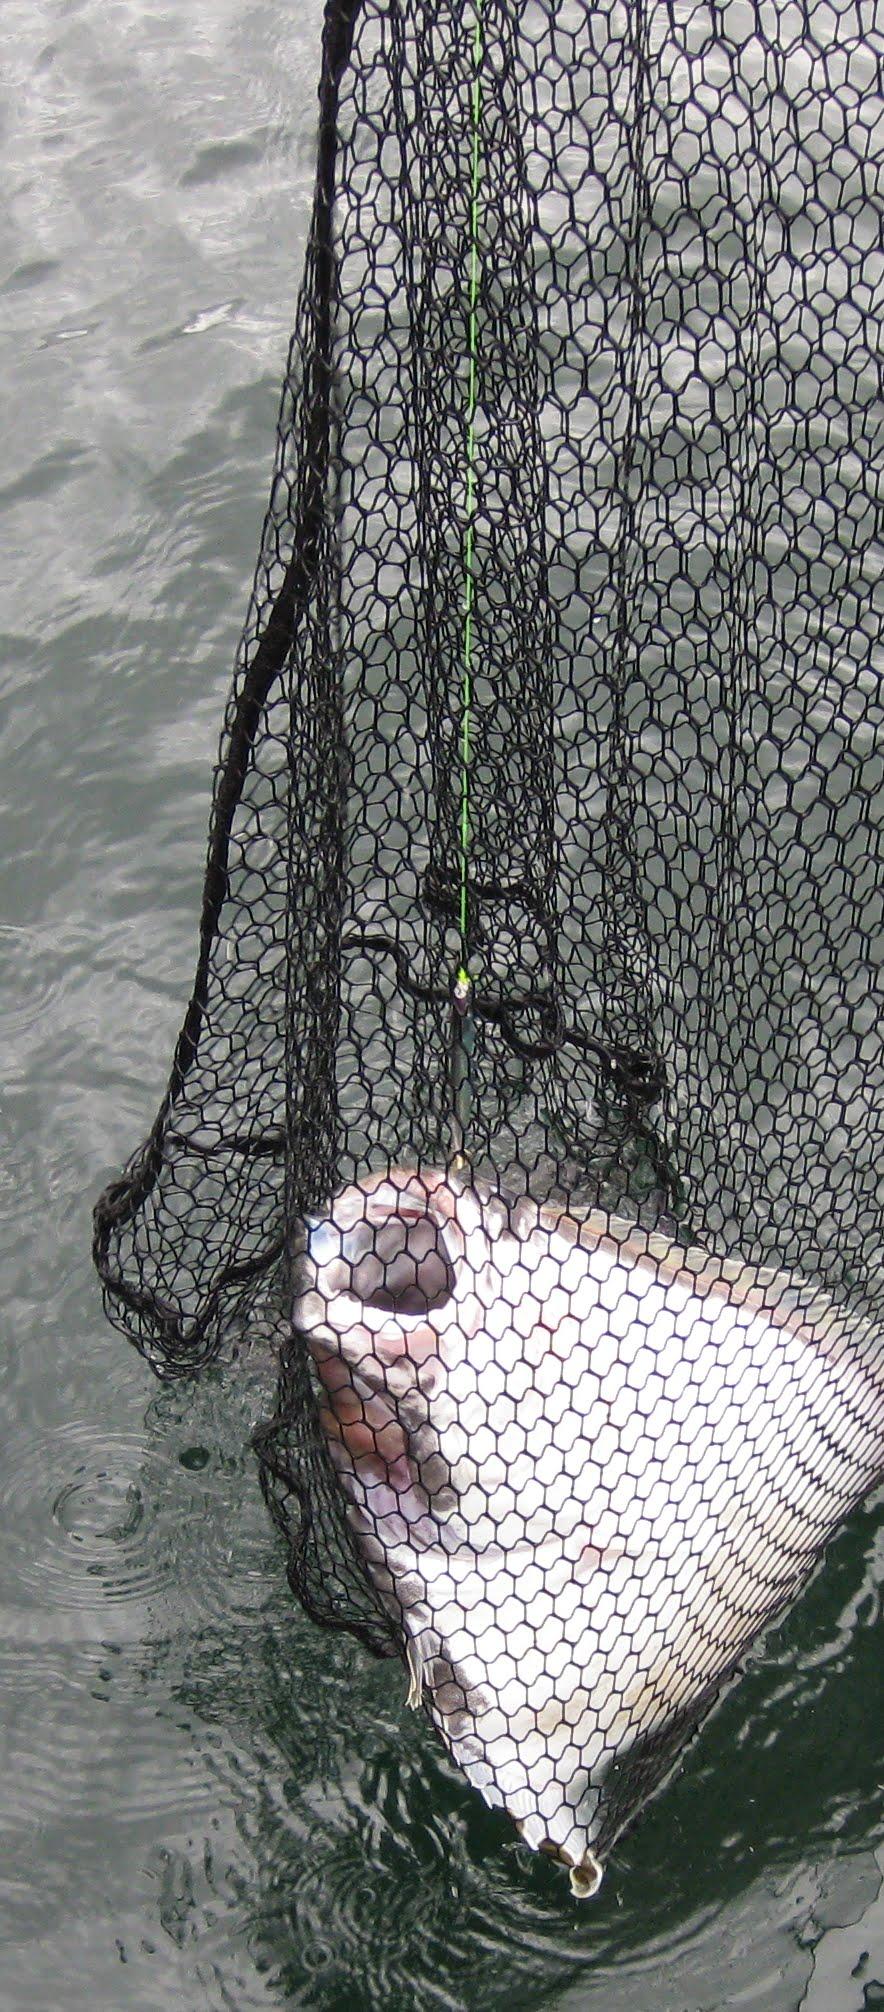 halibut 2